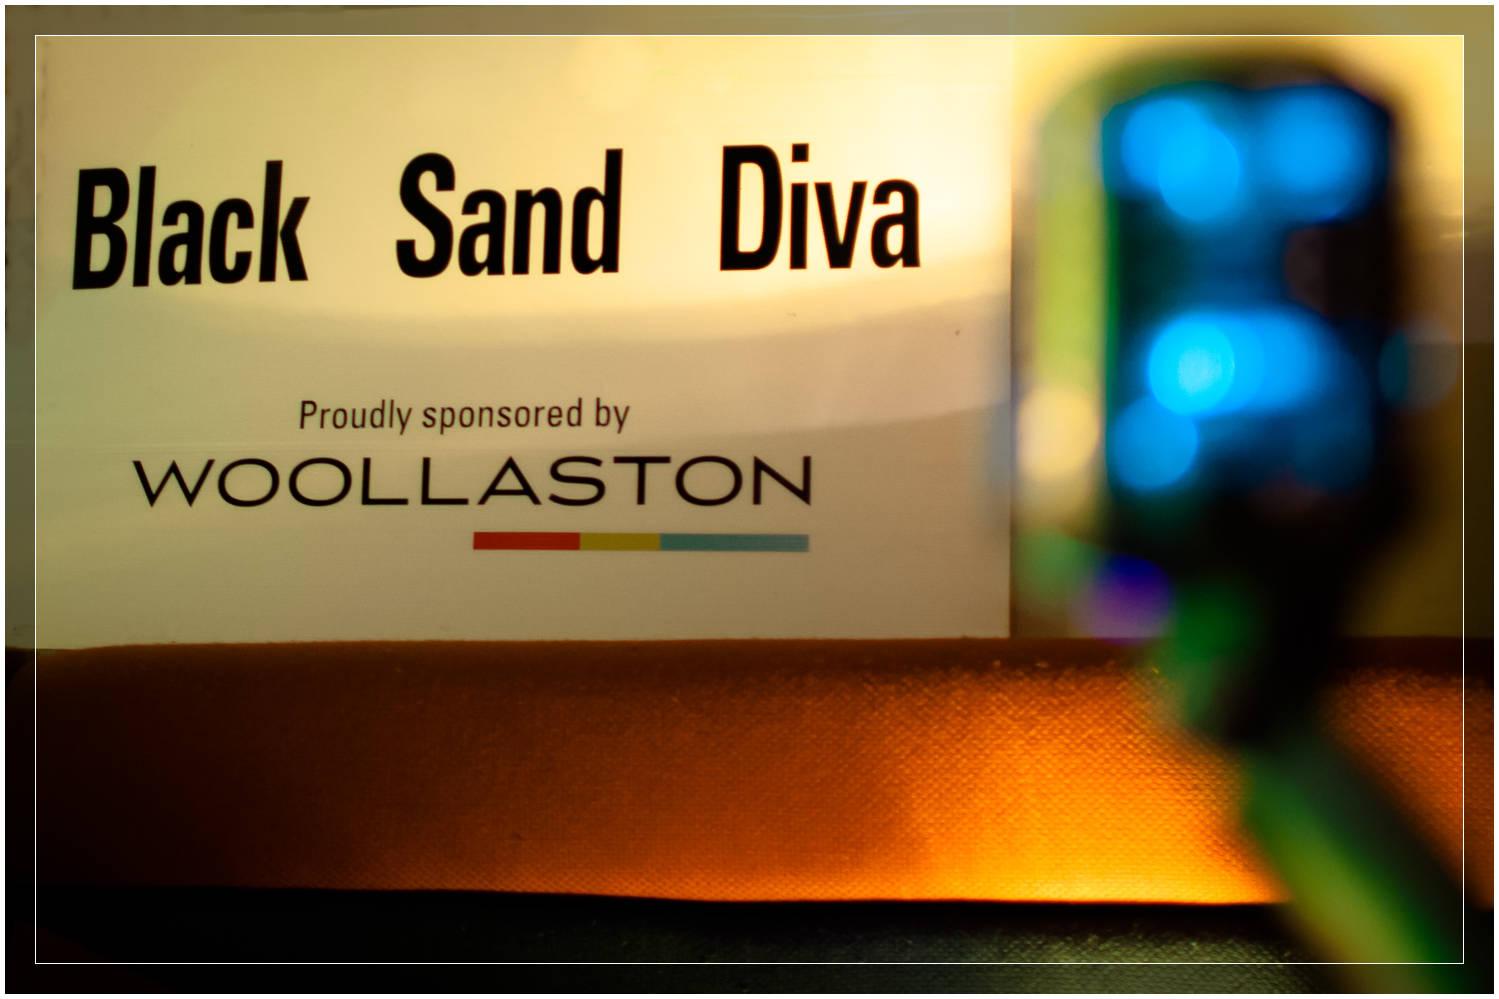 Black Sand Diva - Nelson Jazz Festival, New Zealand